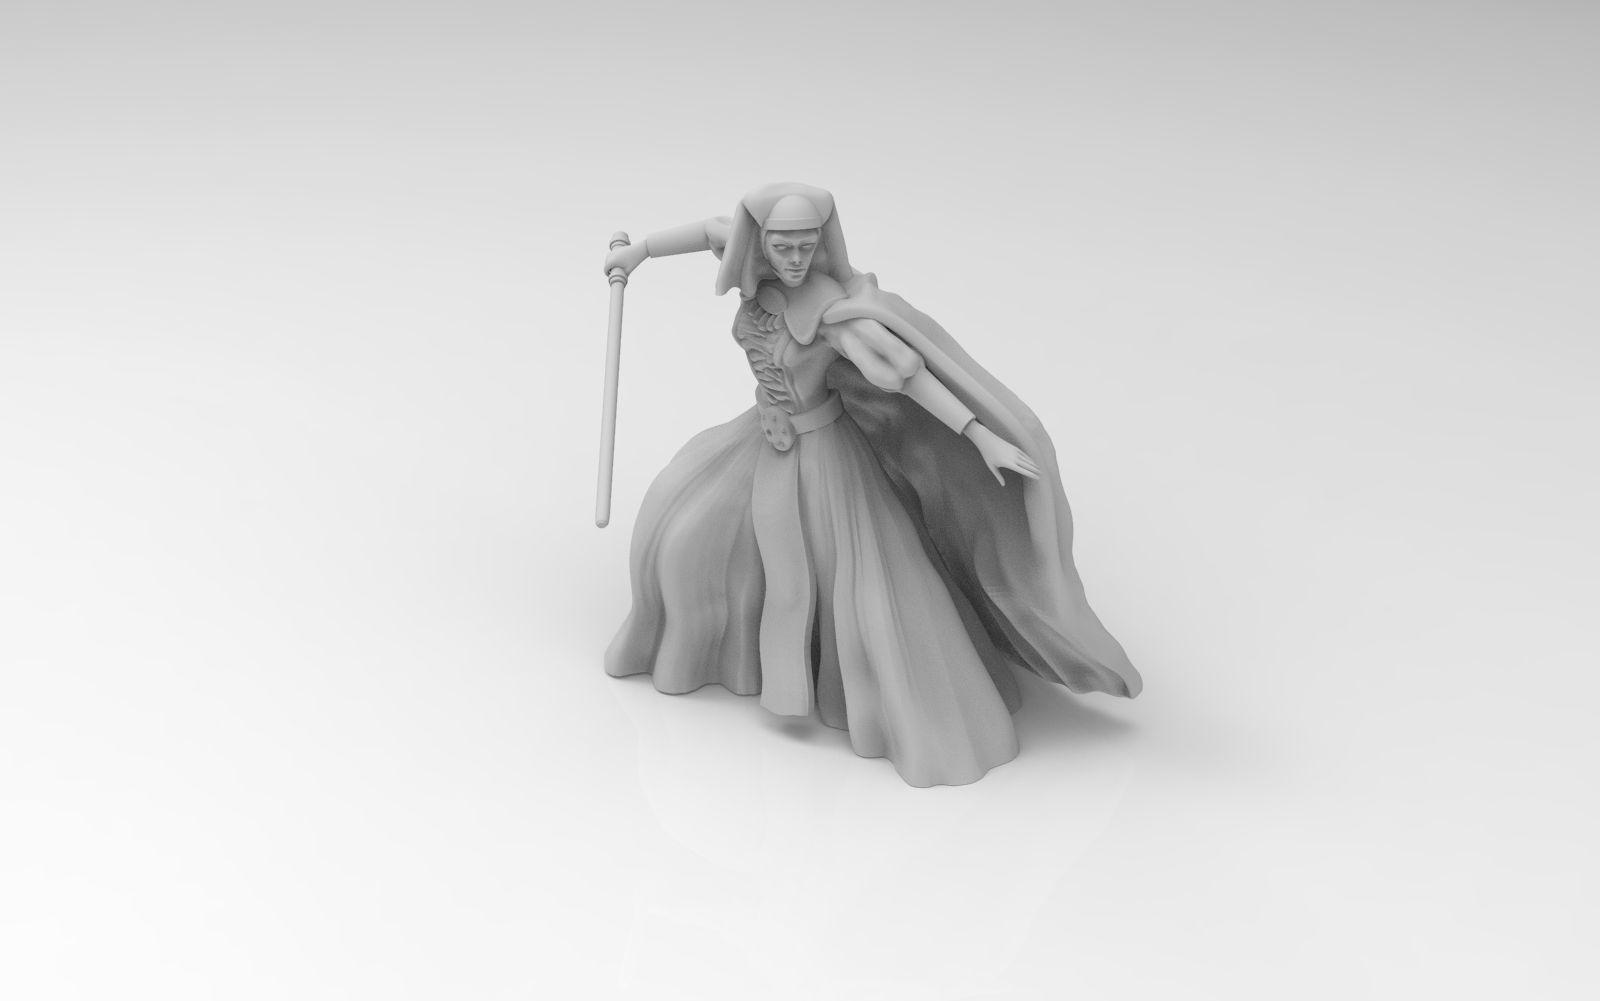 Female Mystical Knight